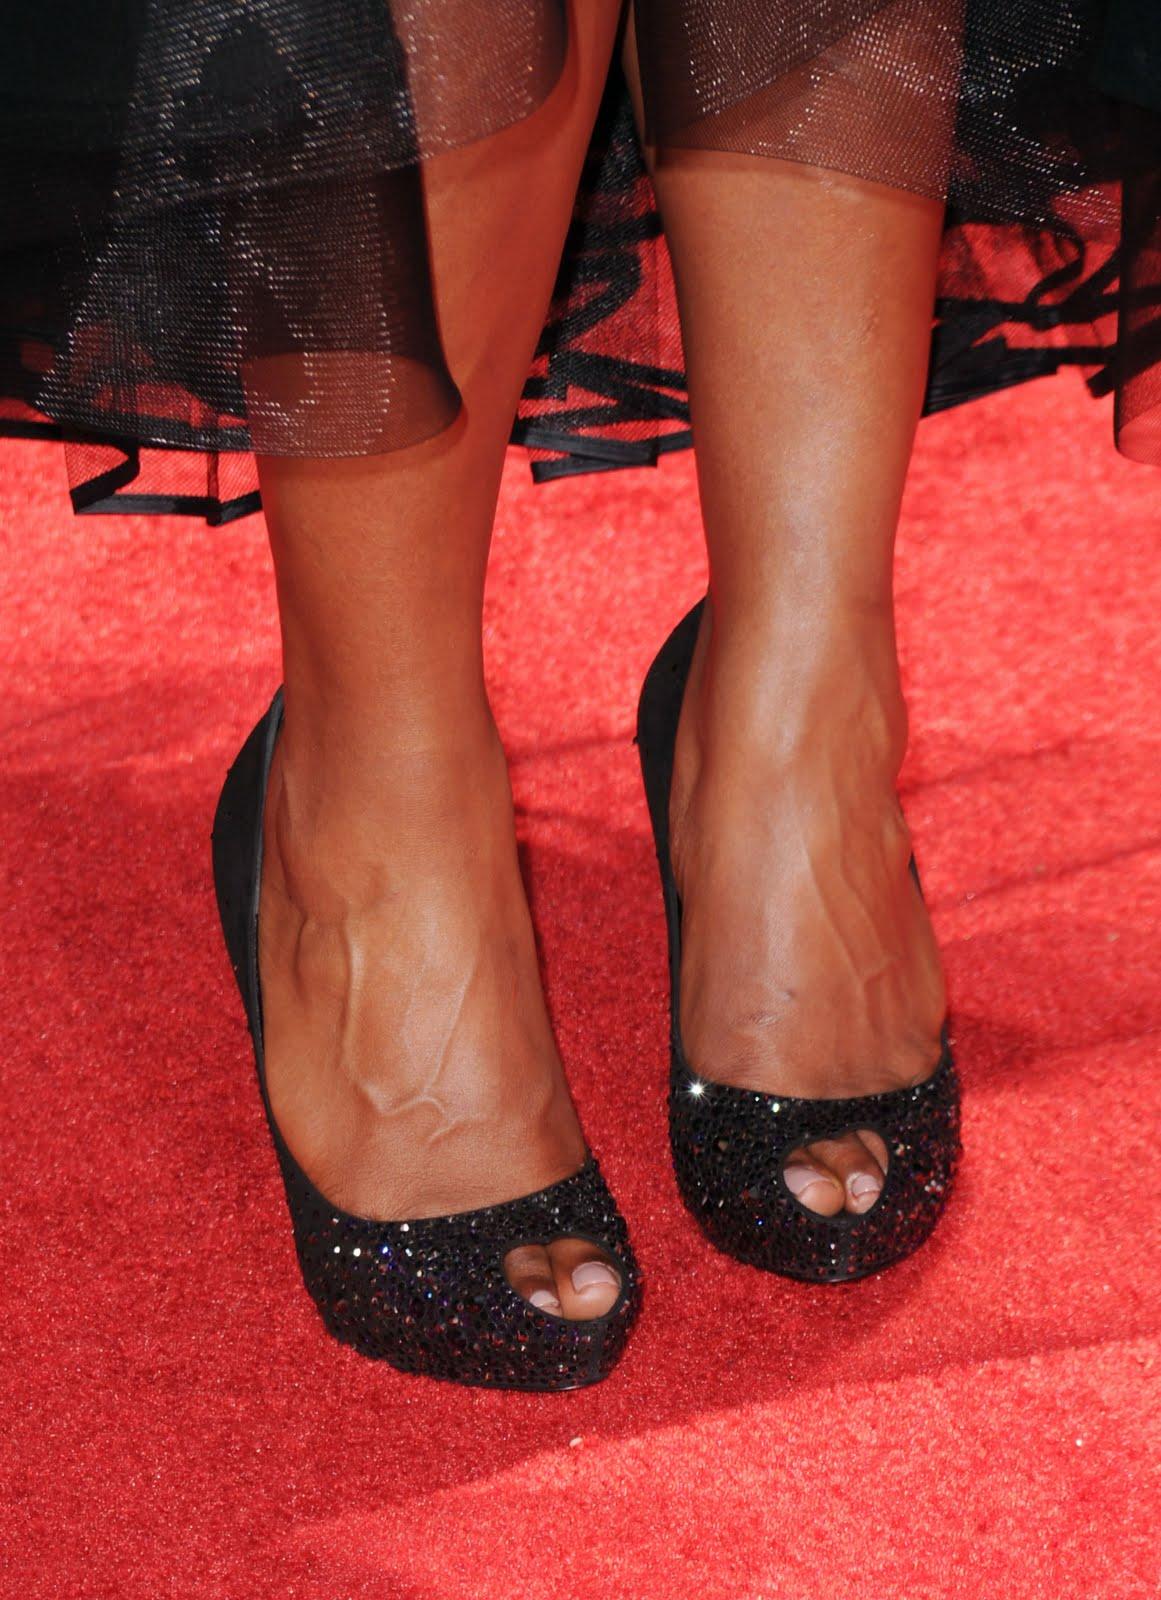 http://4.bp.blogspot.com/-VbKBzMjqRhg/TfYC8ghmYTI/AAAAAAAAAv8/R-zxSEYRJfo/s1600/Mindy-Kaling-Feet-427314.jpg